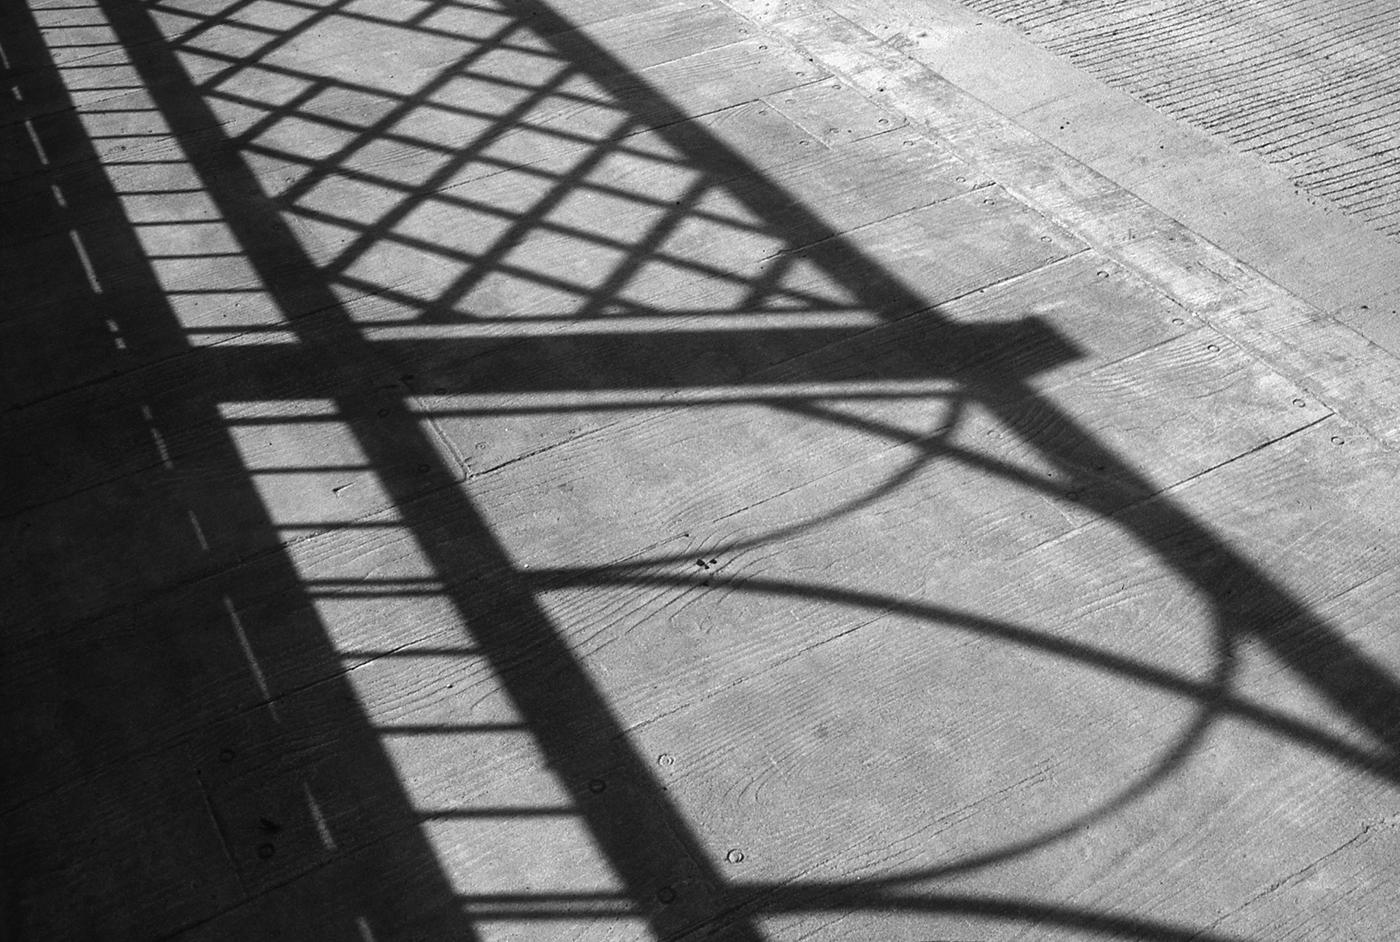 Deck sidewalk  with railing shadow